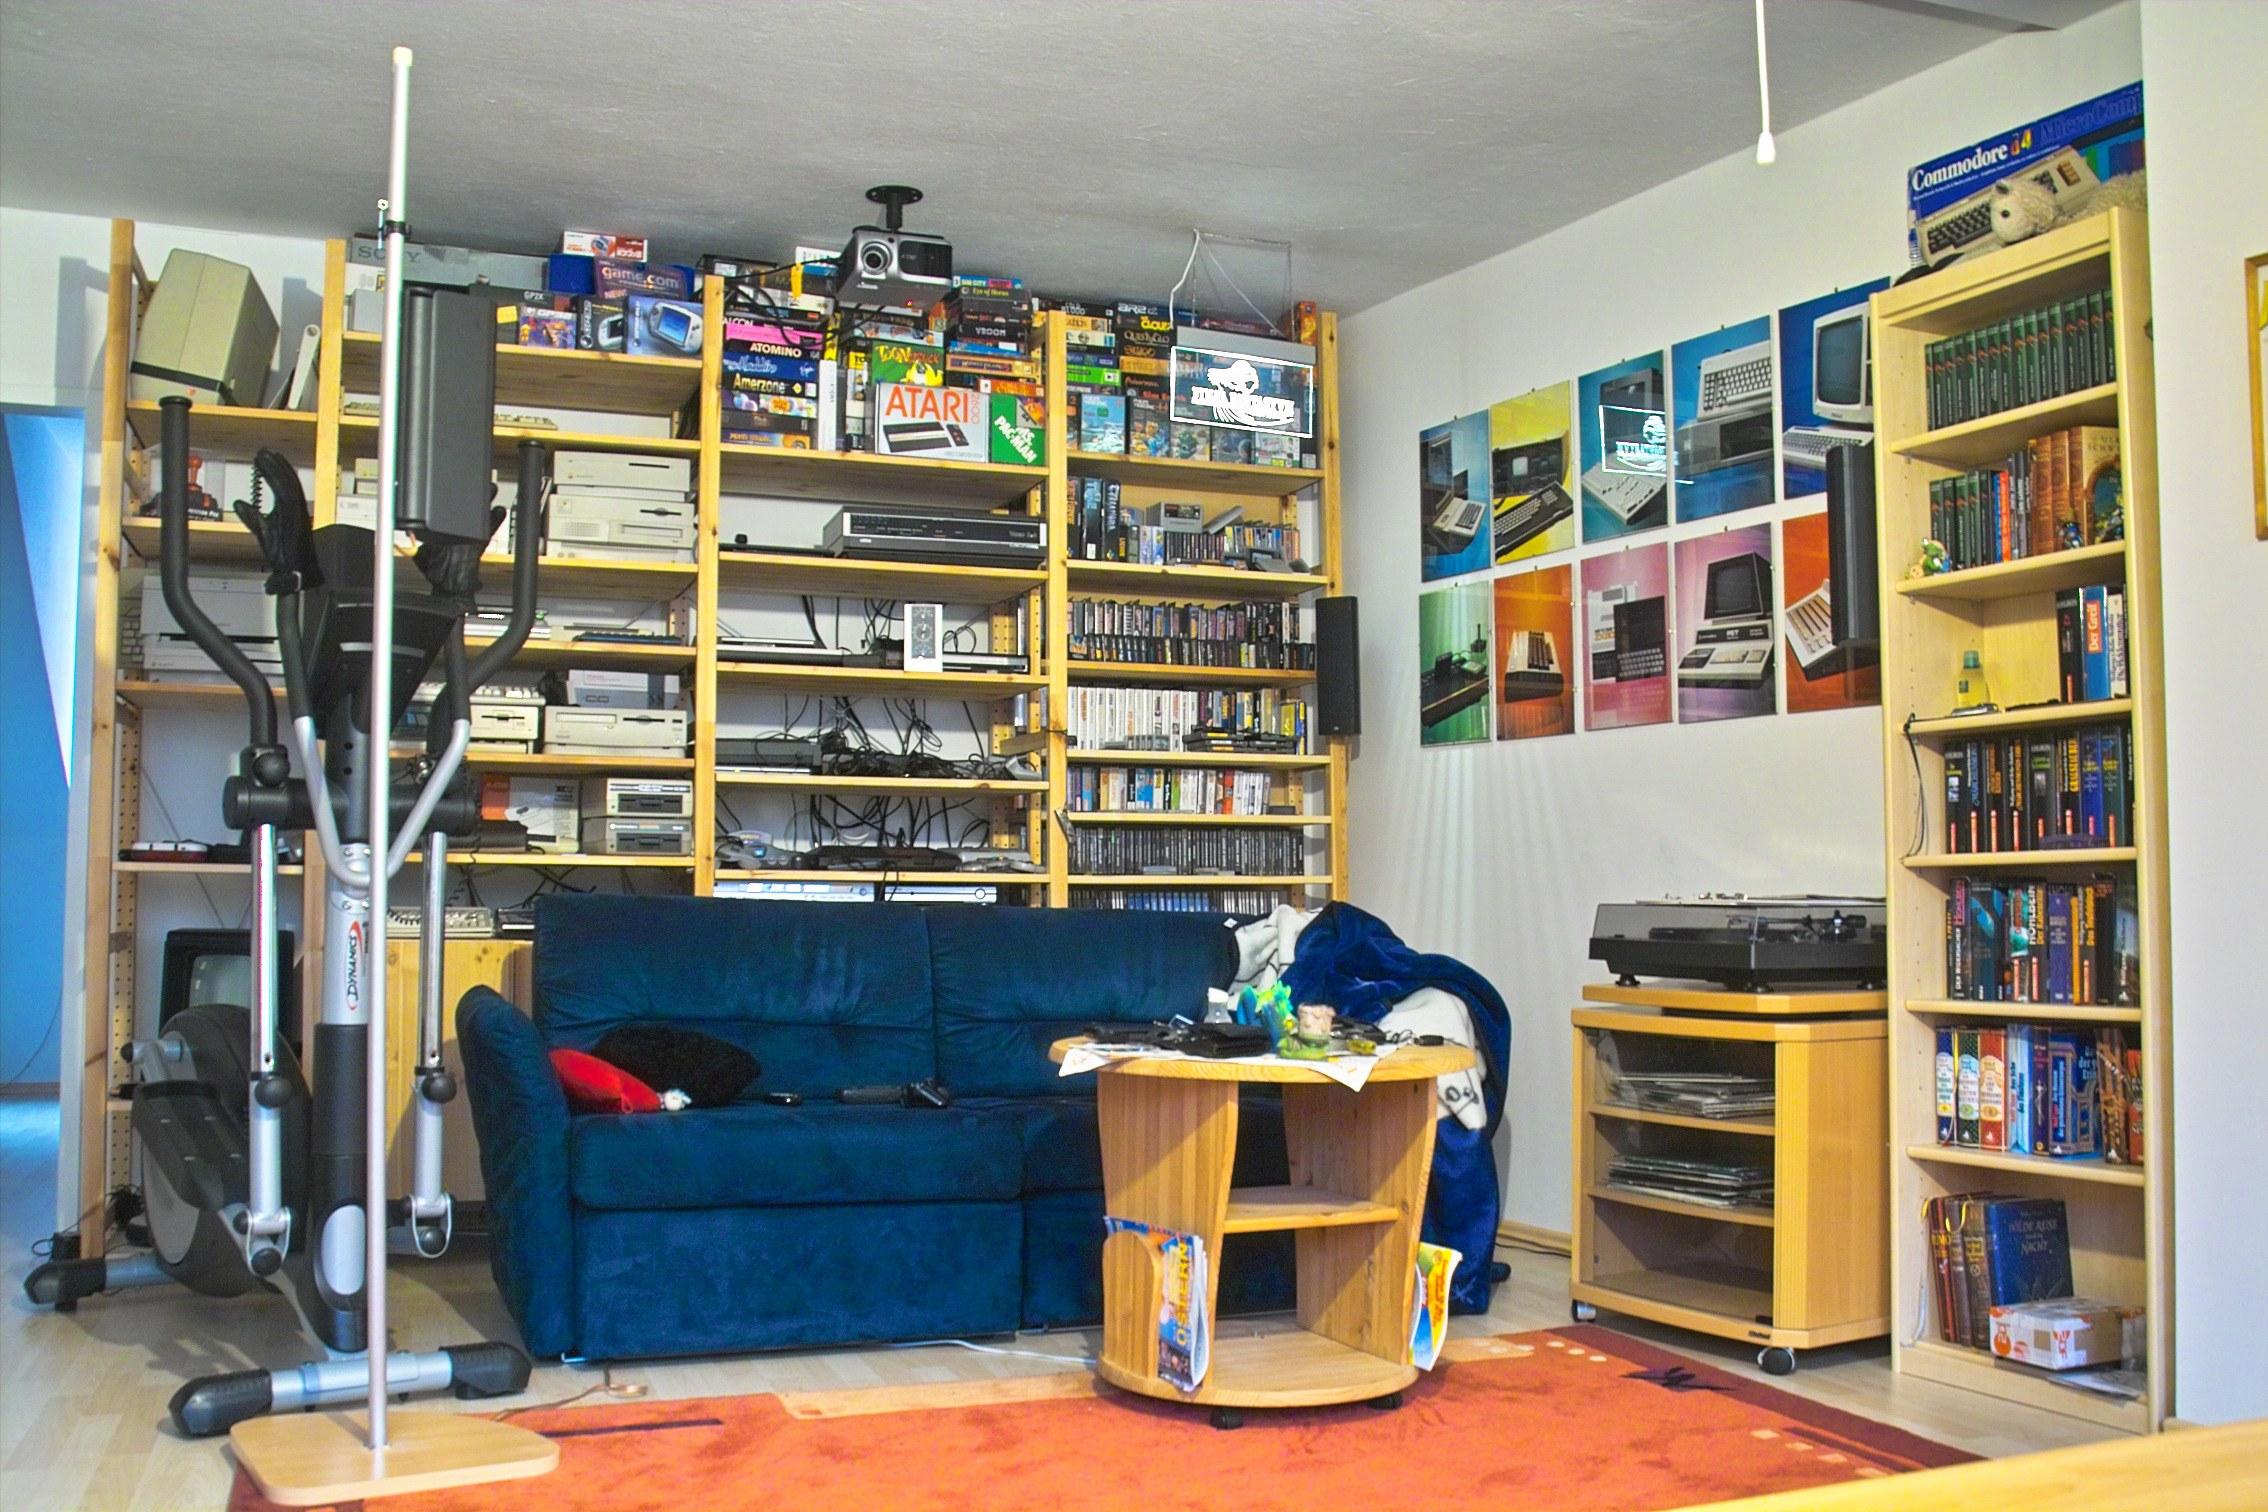 Wohnzimmer vintage style inspiration for Wohnzimmer style